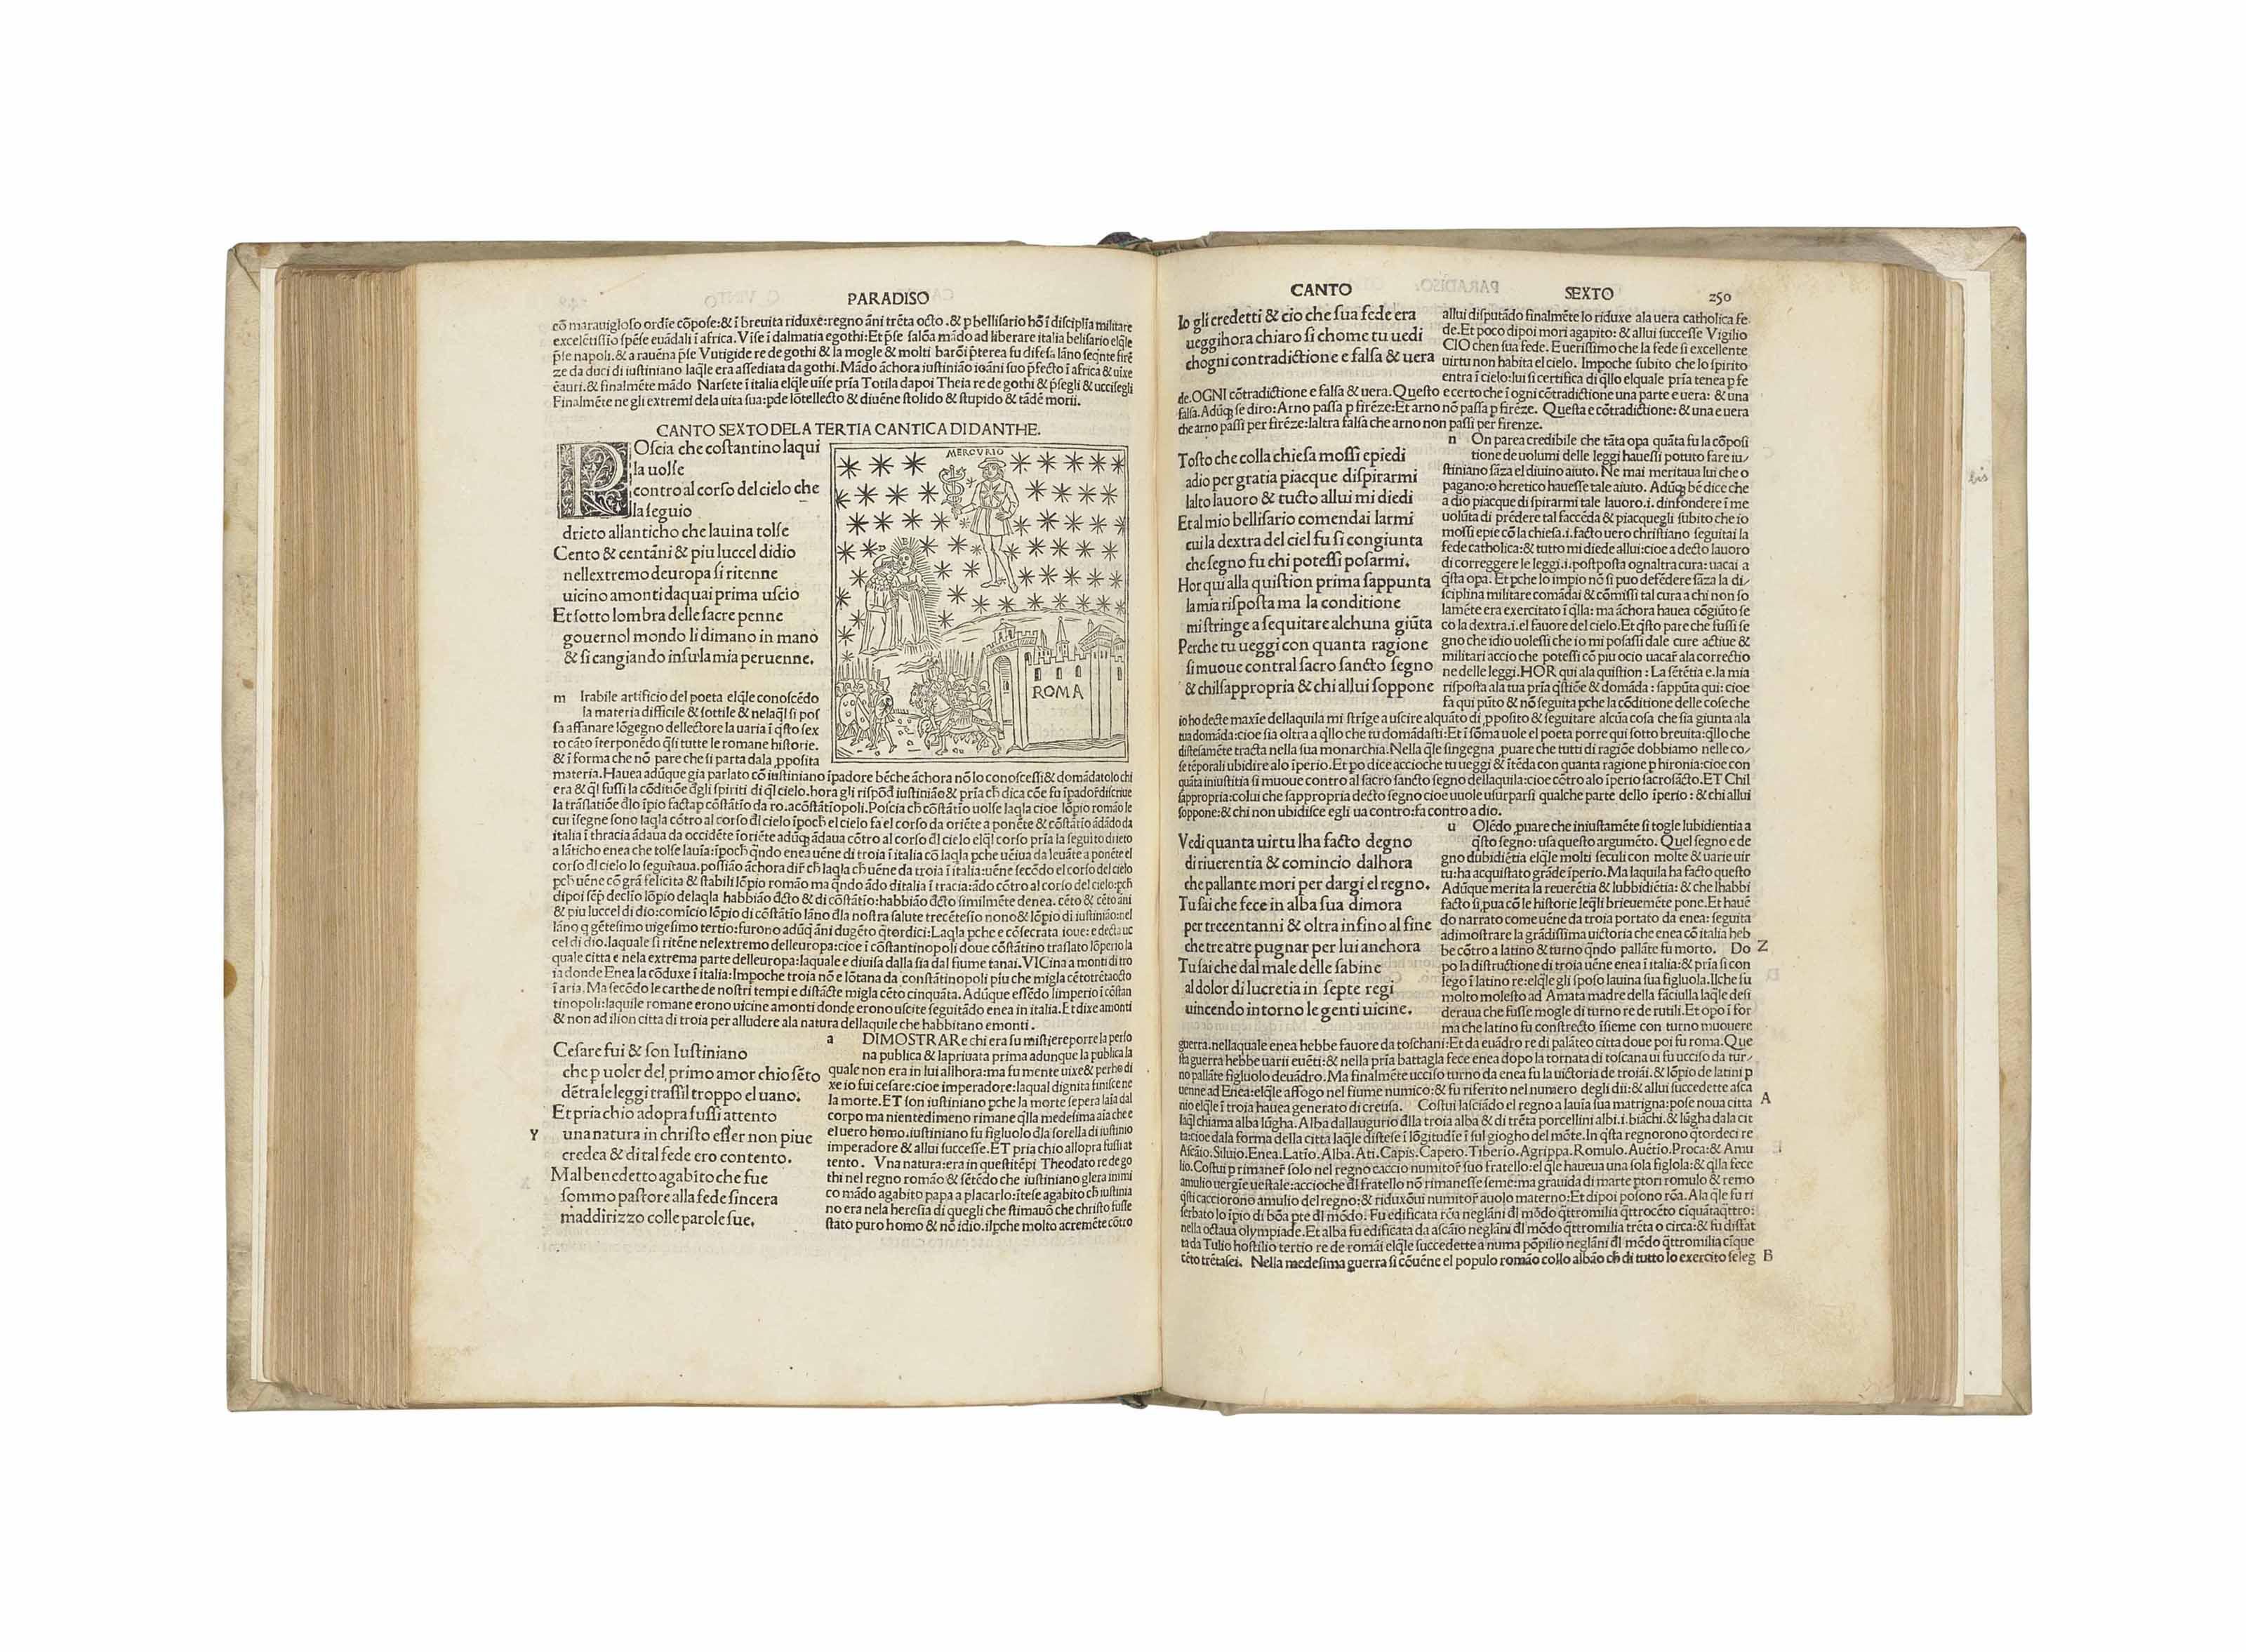 DANTE Alighieri (1265-1321). La Commedia. Commentary by Cristoforo Landino; edited by Piero da Figino. Venice: Petrus de Plasiis, Cremonensis, 18 November 1491.